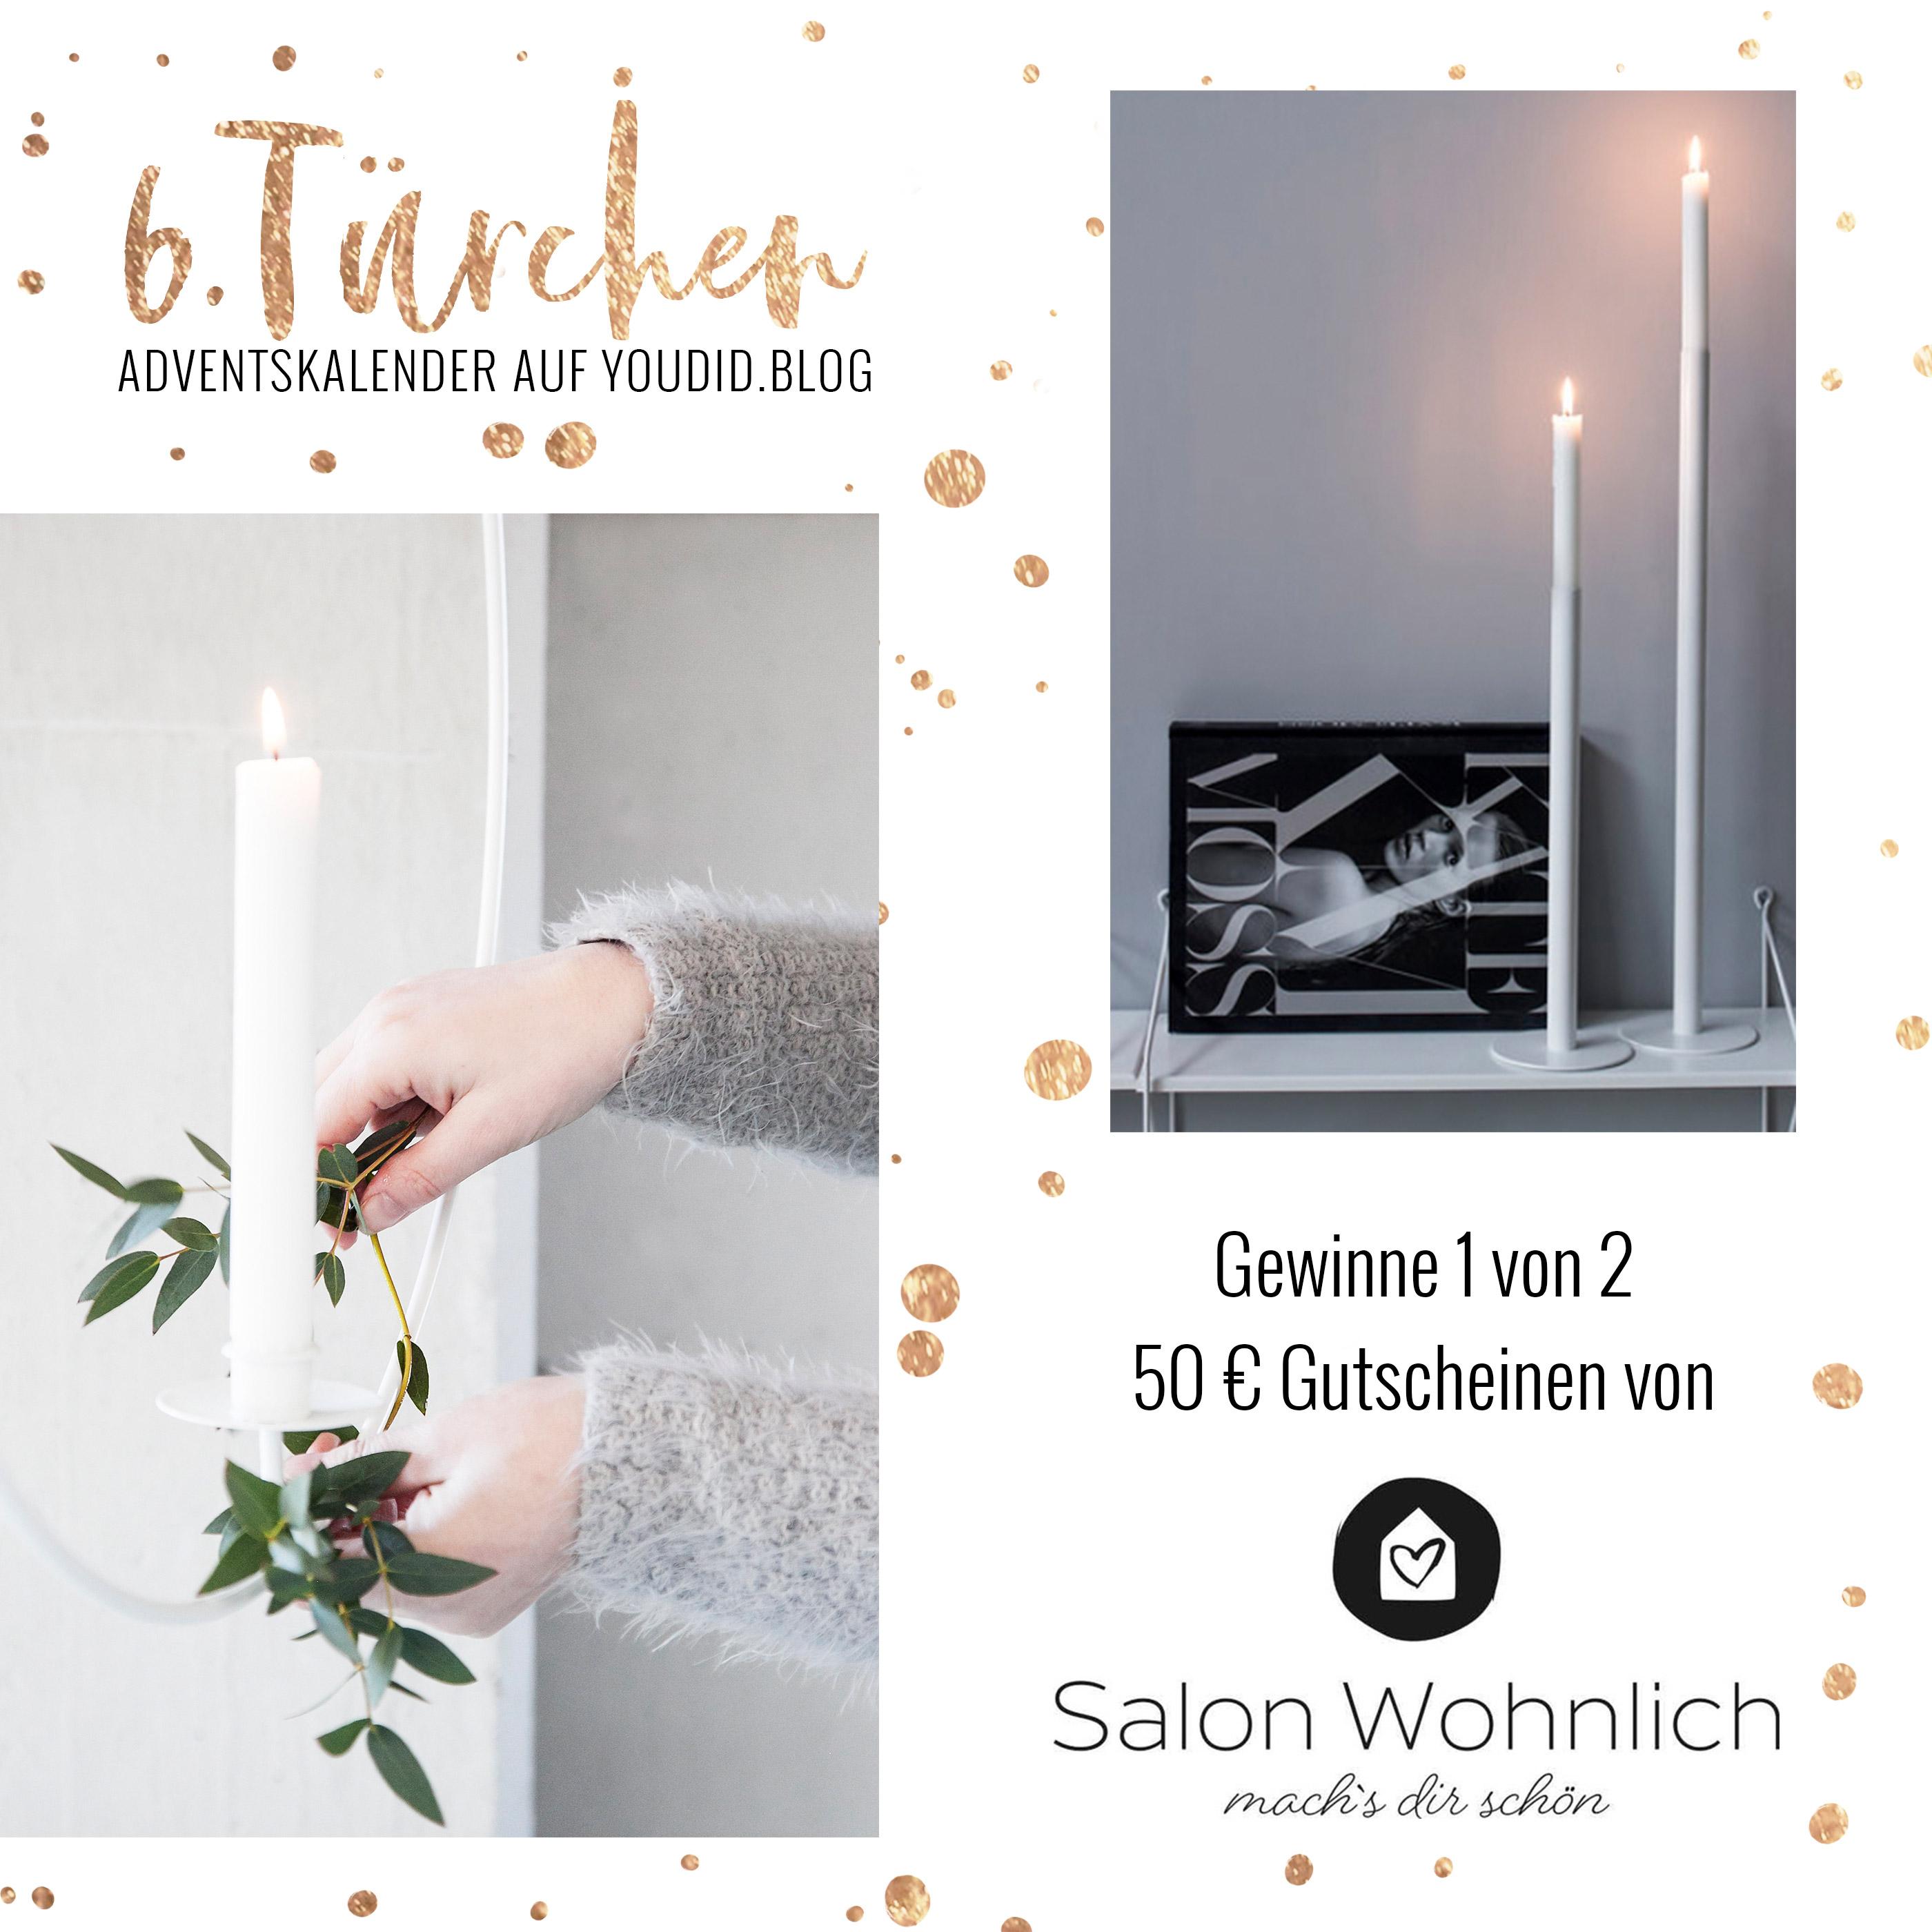 6 Türchen Gewinne Einen 50 Gutschein Von Salon Wohnlich Youdid